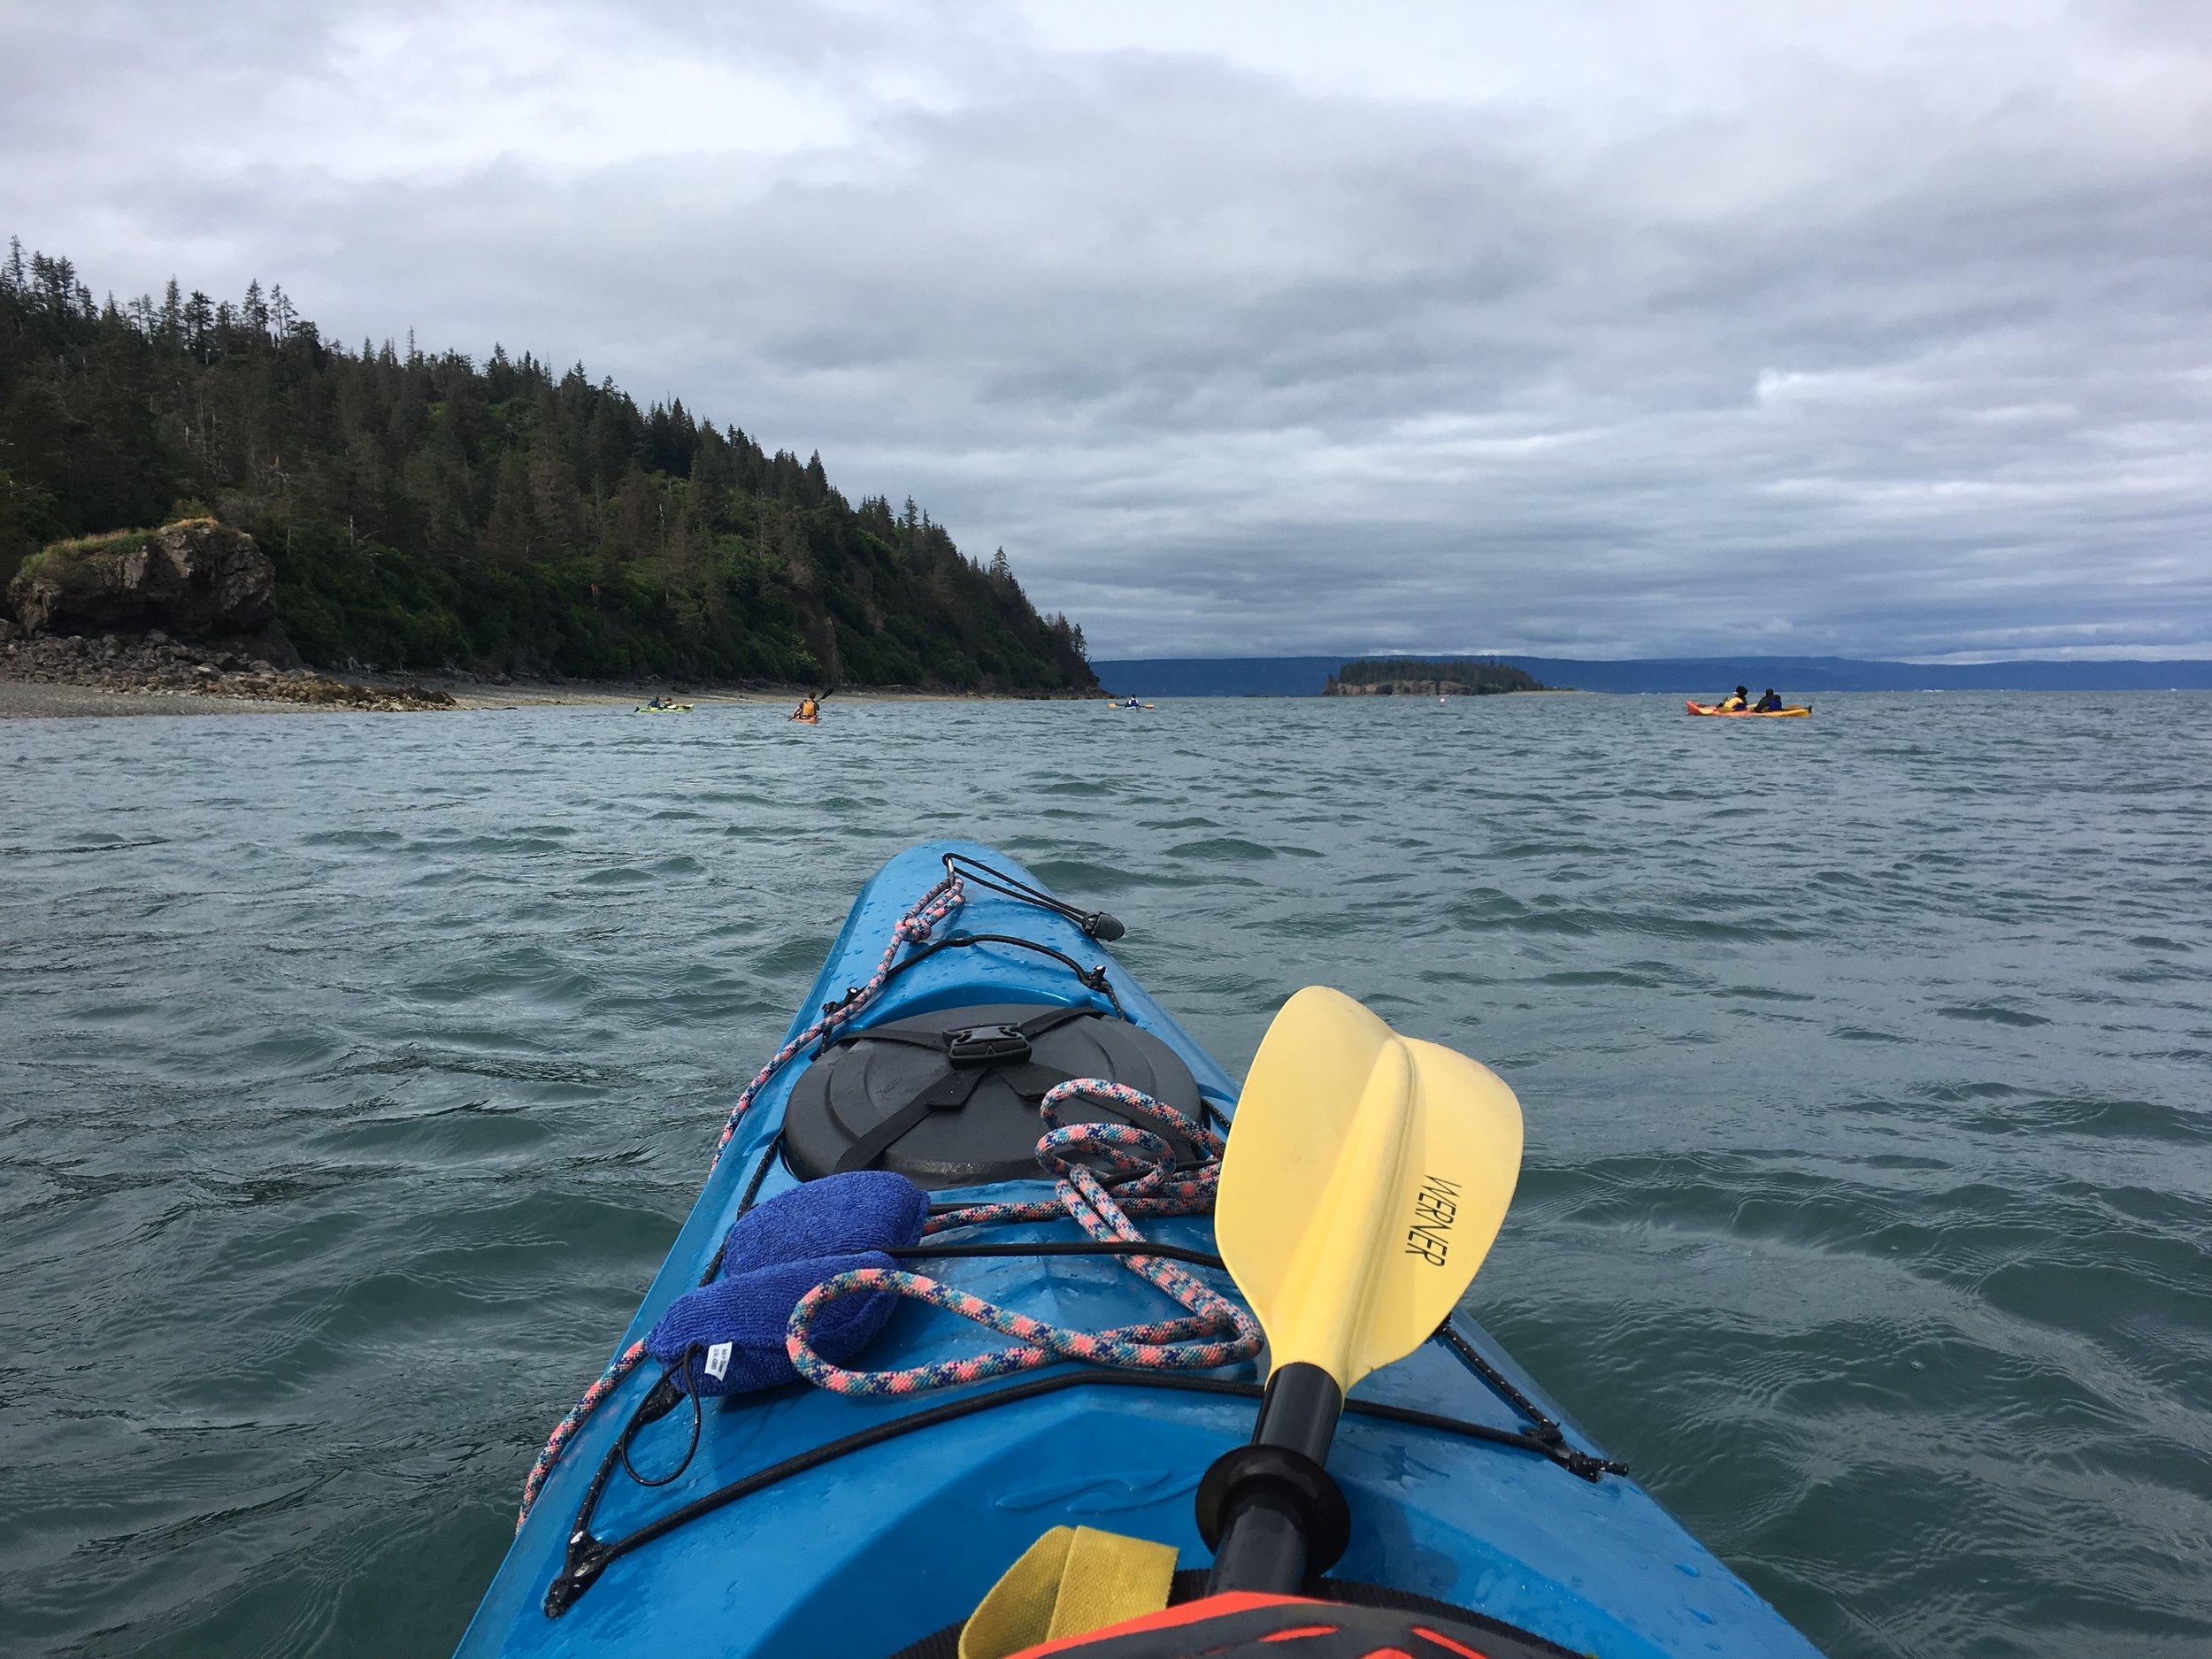 Alaska Kayak - The Kissters